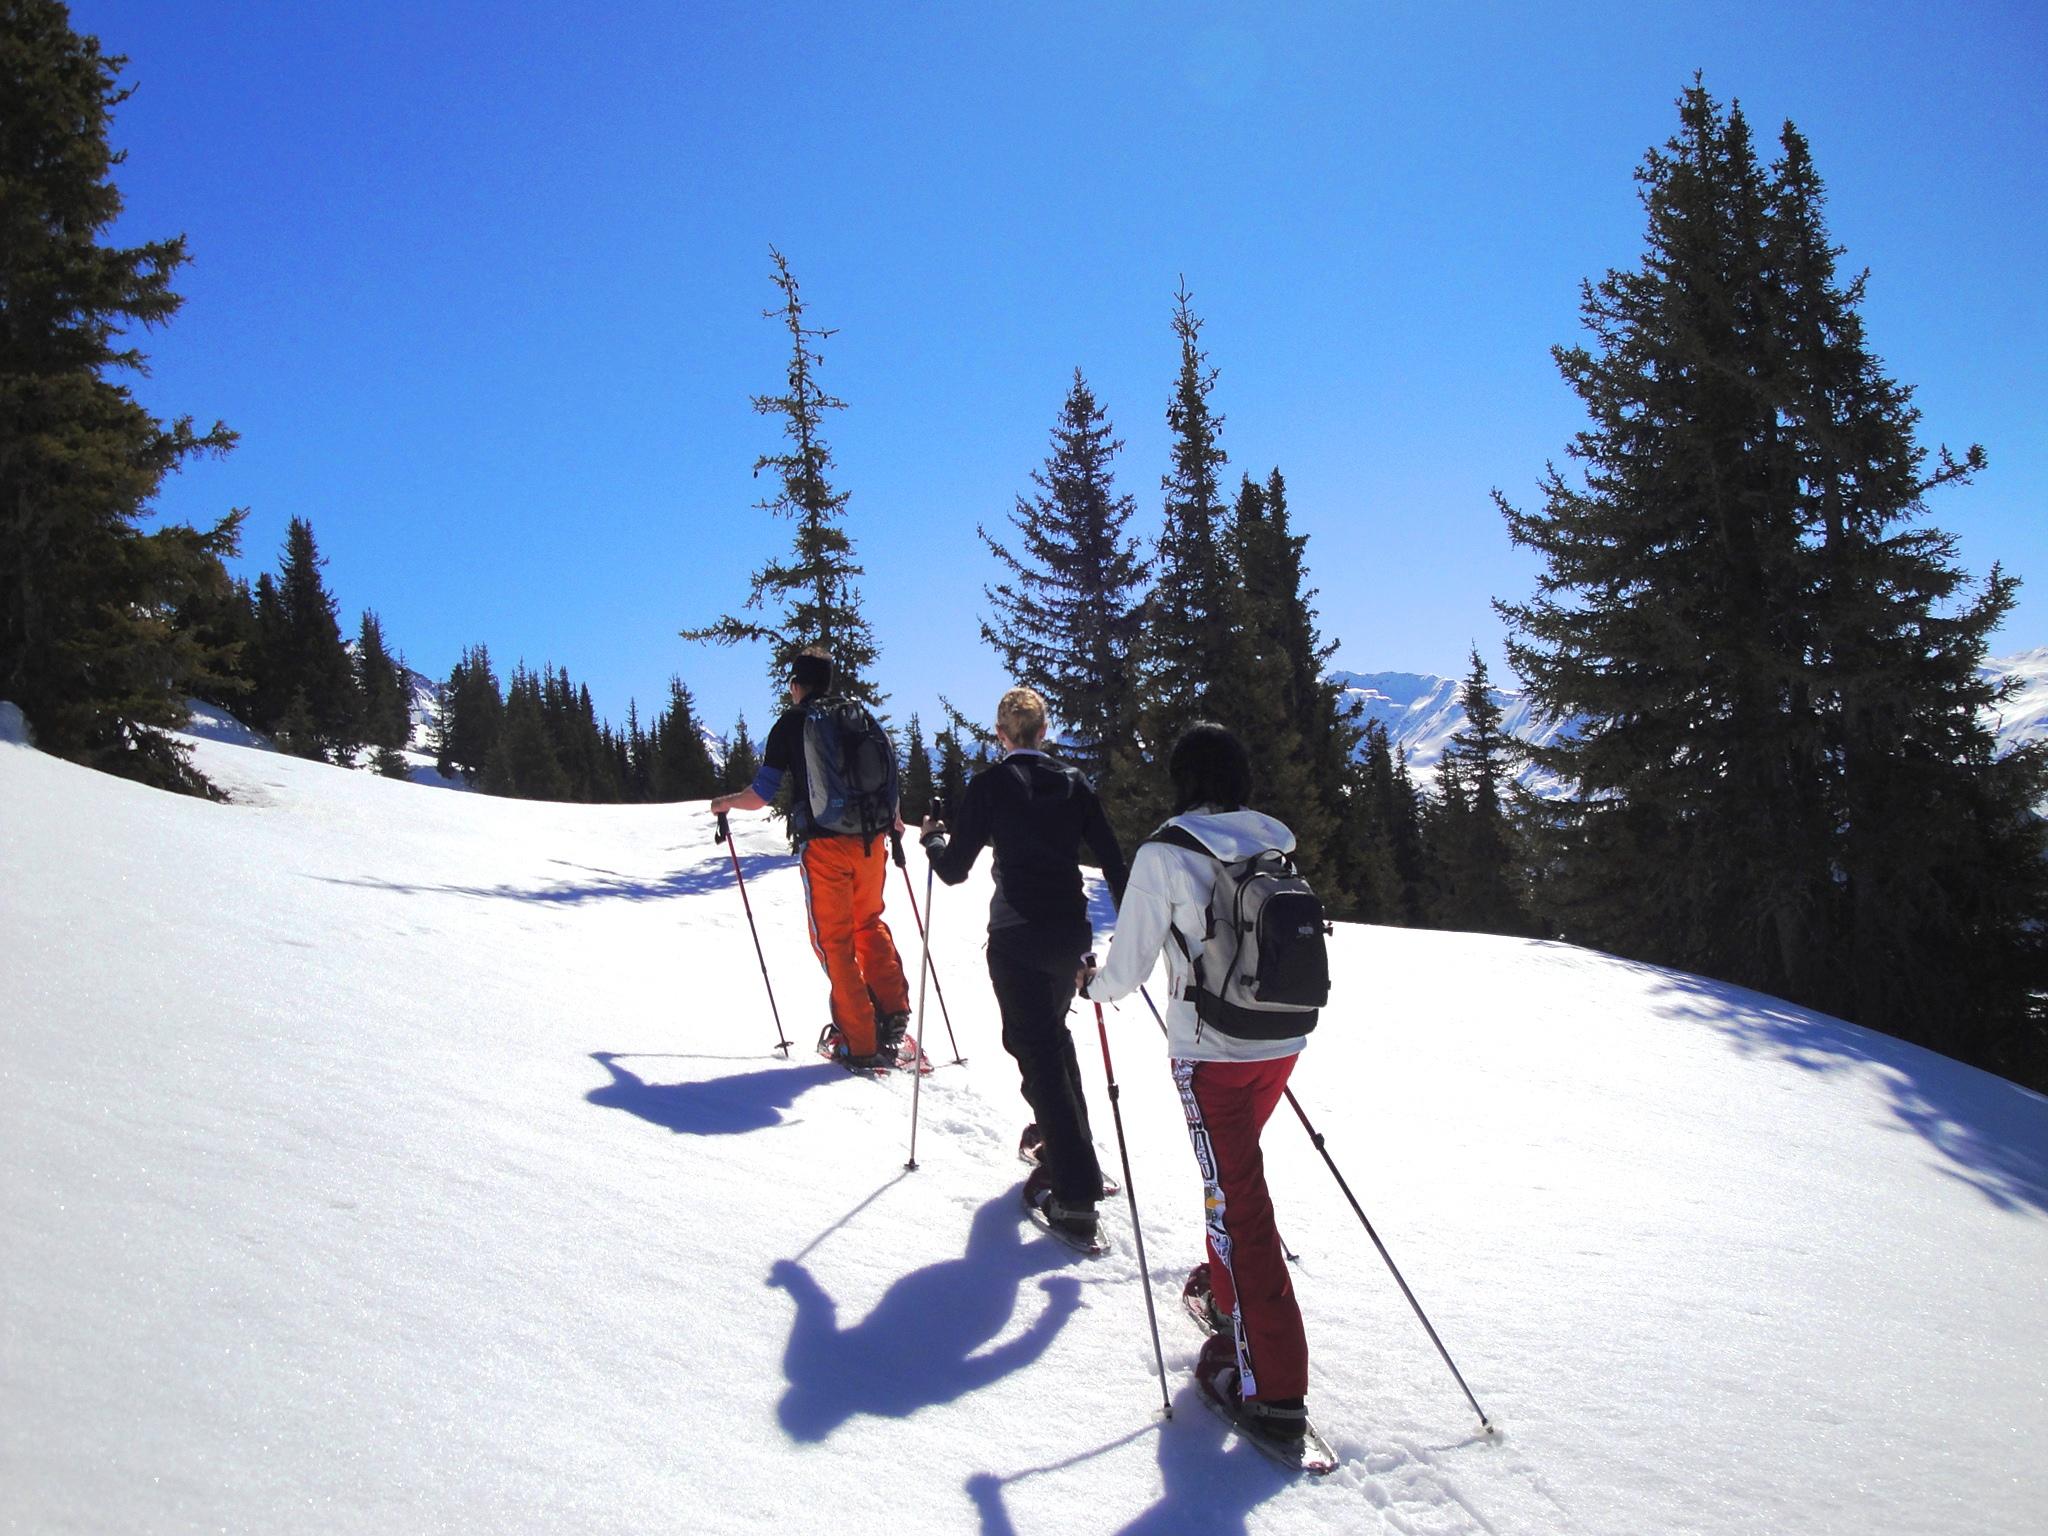 Schneeschuhläufergruppe